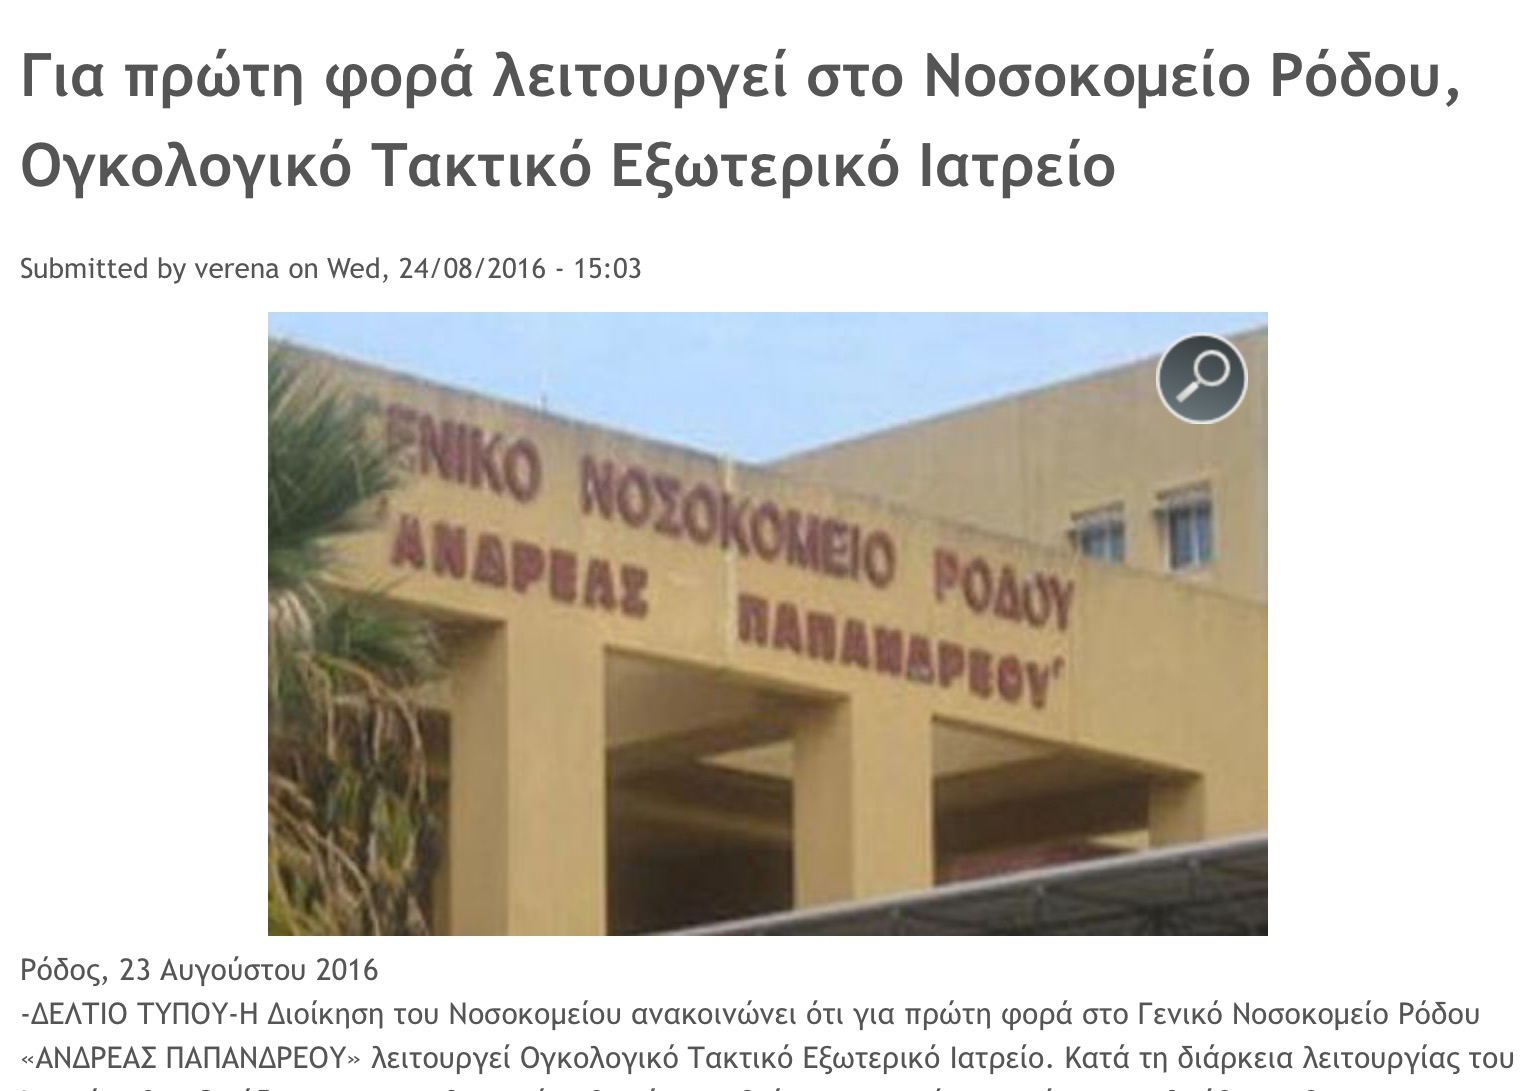 Κλαψε Γεωργιαδη! Για πρώτη φορά λειτουργεί στο Νοσοκομείο Ρόδου, Ογκολογικό Τακτικό Εξωτερικό Ιατρείο